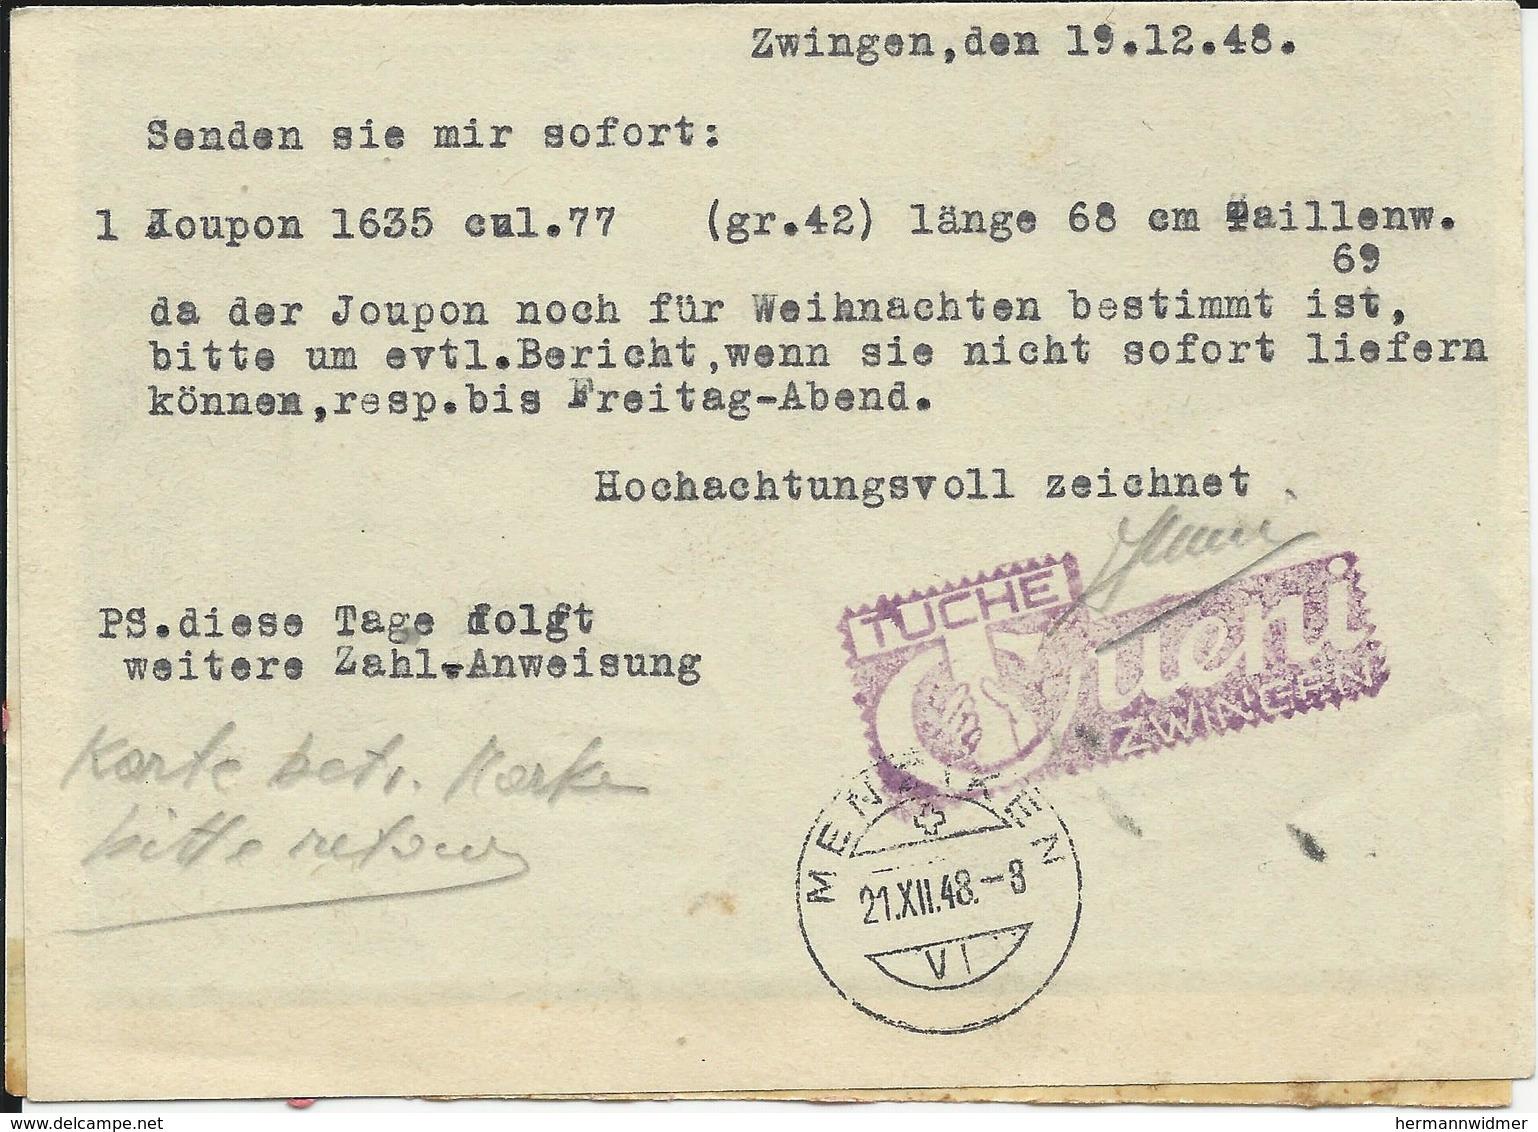 WI 126, 127, 128 (2x), Fleurs Des Alpes, Obl. Zwingen 20.XII.48, Carte Commande, Raison Sociale Tuche Cueni - Briefe U. Dokumente